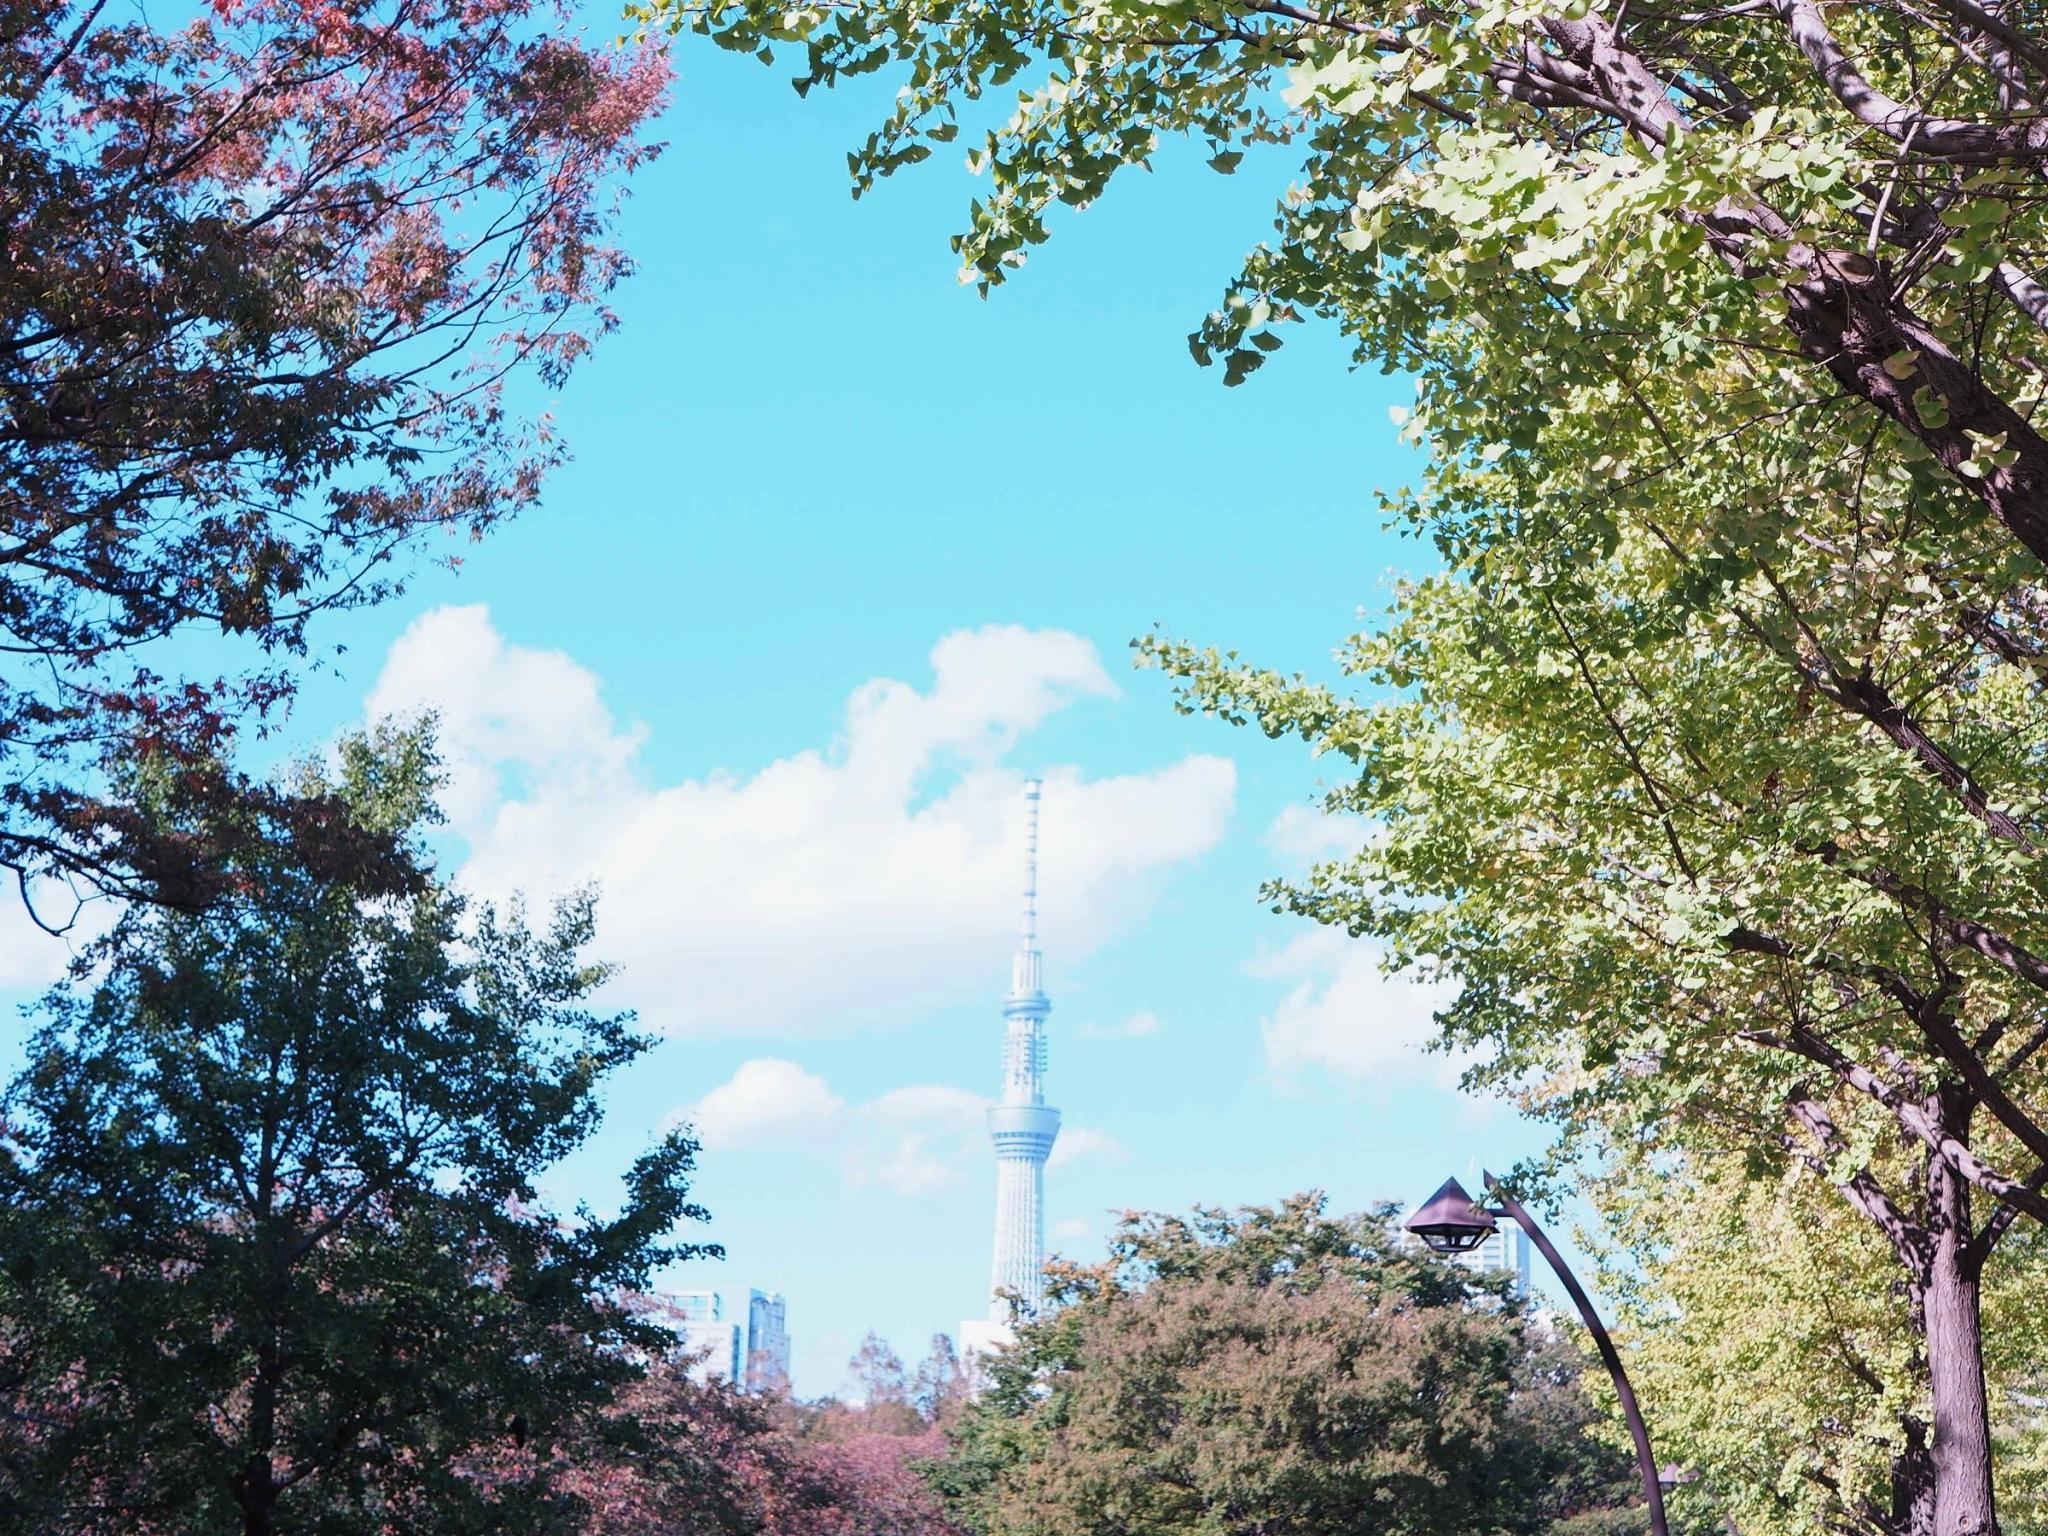 【都内サイクリング♩】秋晴れの日に #ドコモ・バイクシェア でお出かけしてみた♡_3